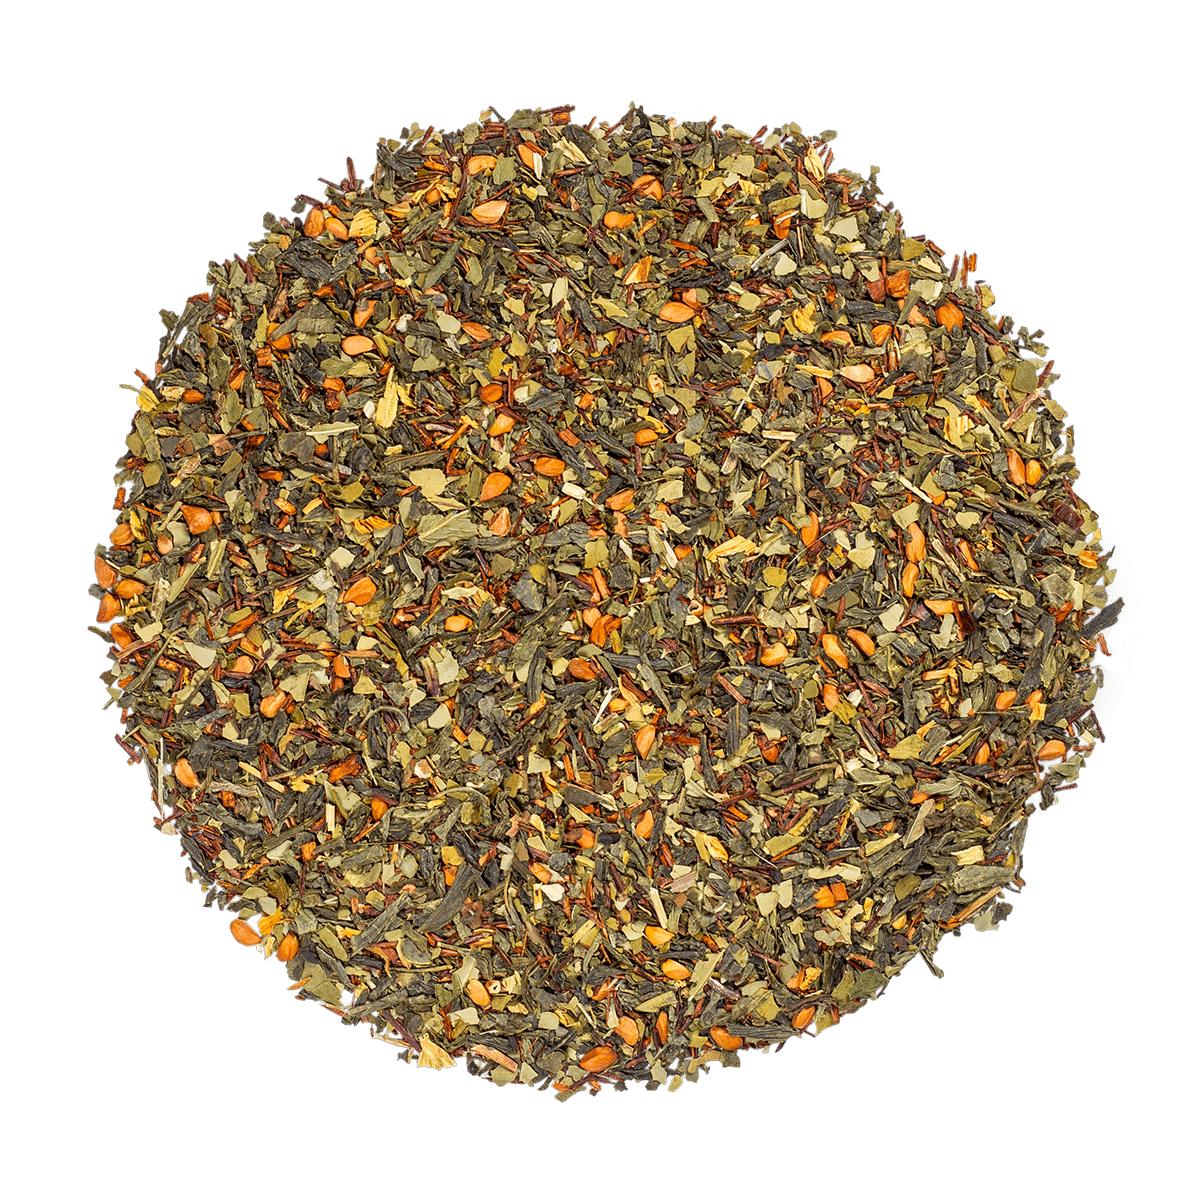 KUSMI TEA Blue Detox bio - Mélange de thé vert, maté et plantes aromatisé ananas - Thé en vrac - Kusmi Tea